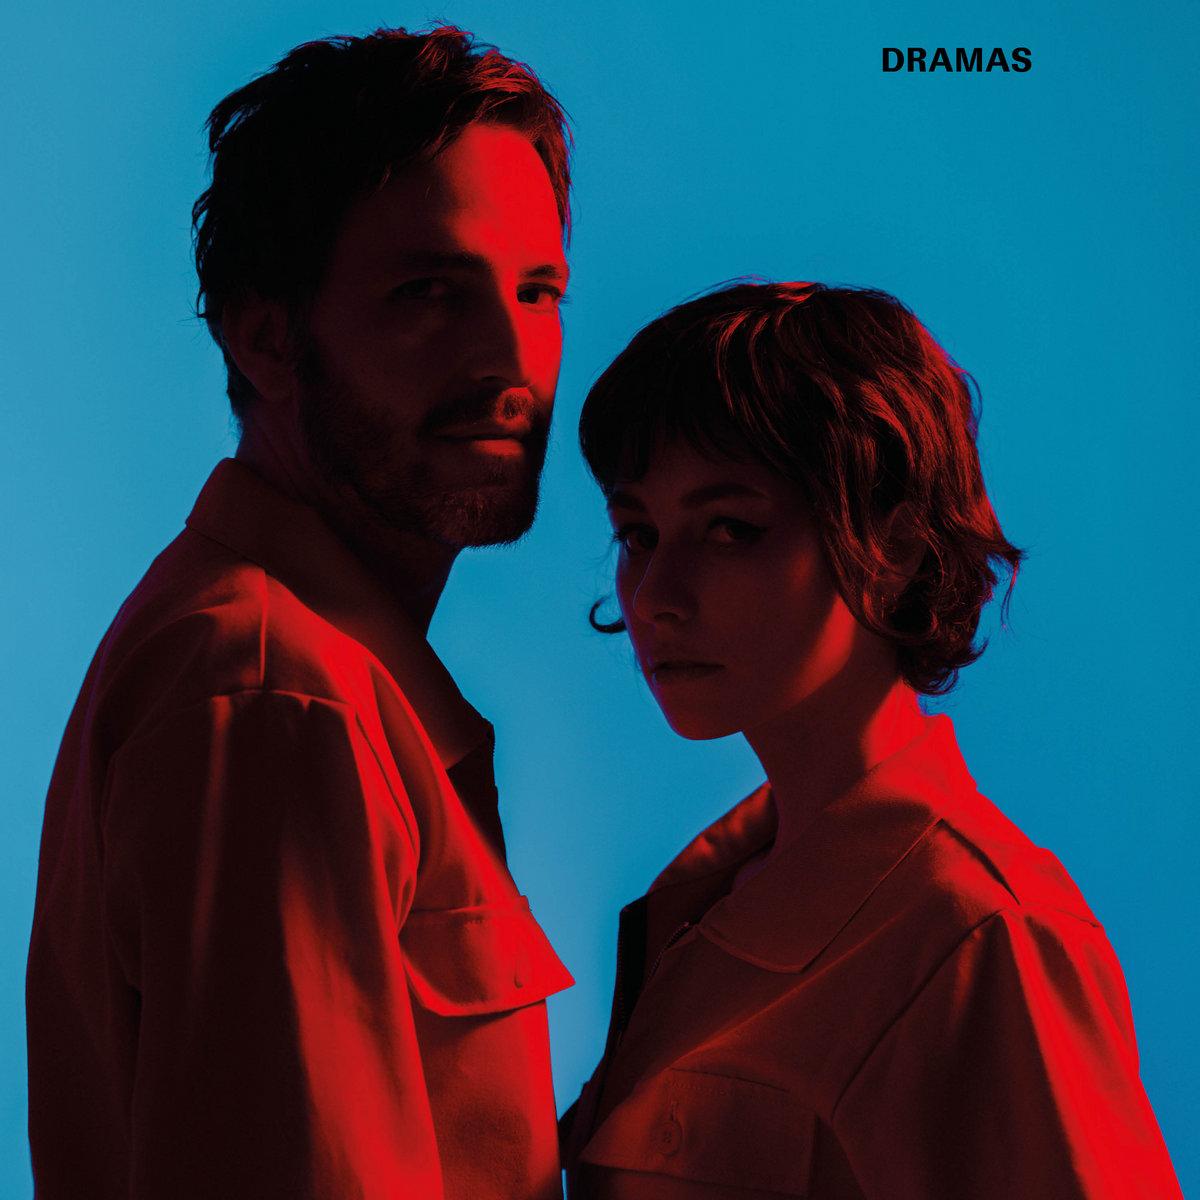 Dramas - Dramas